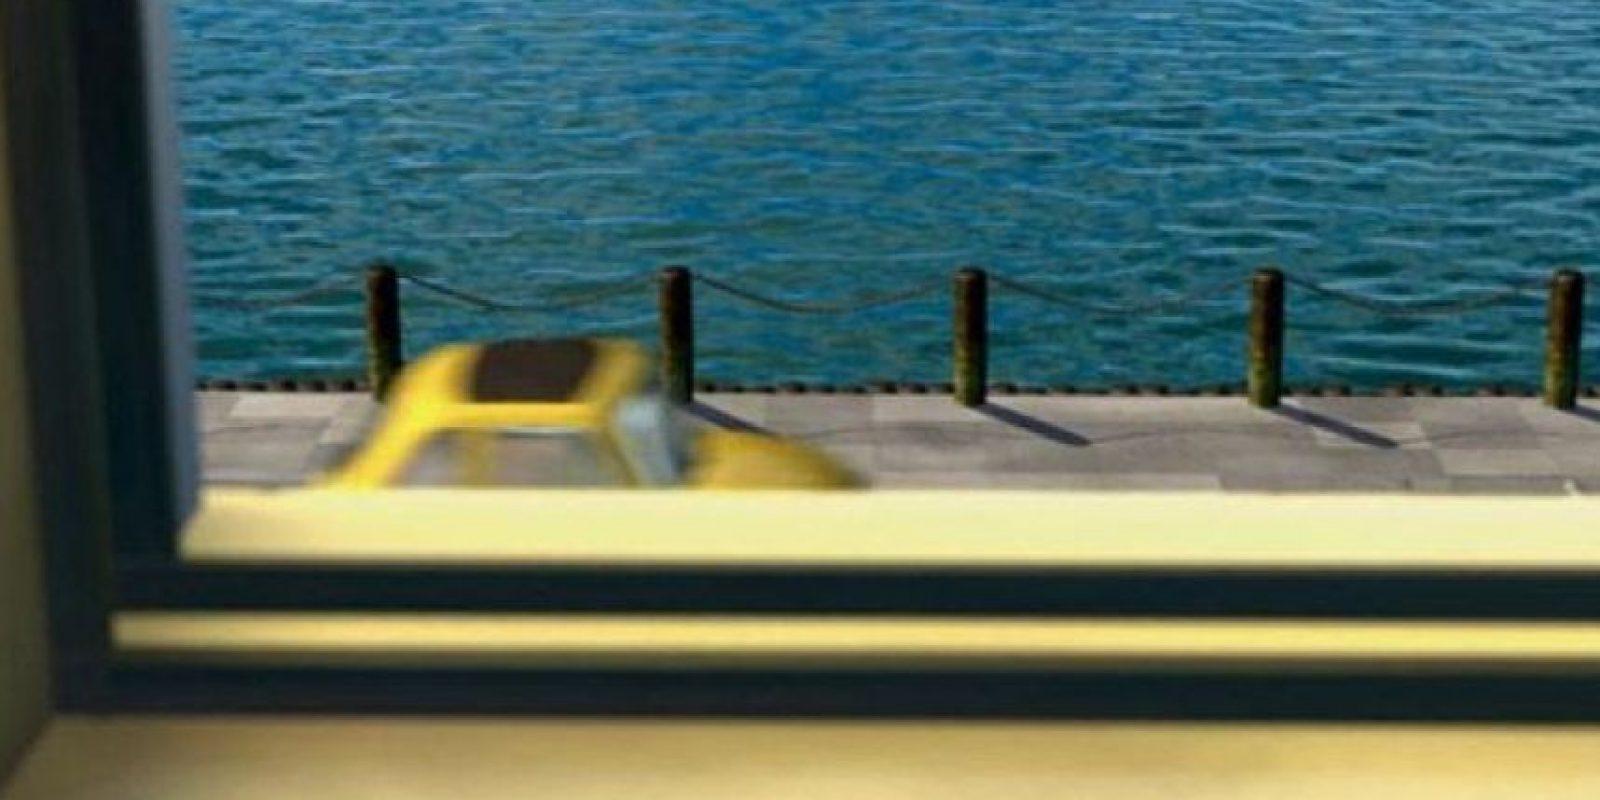 """Y en """"Buscando a Nemo"""" aparece uno de los autos de """"Cars"""" Foto:Pixar"""